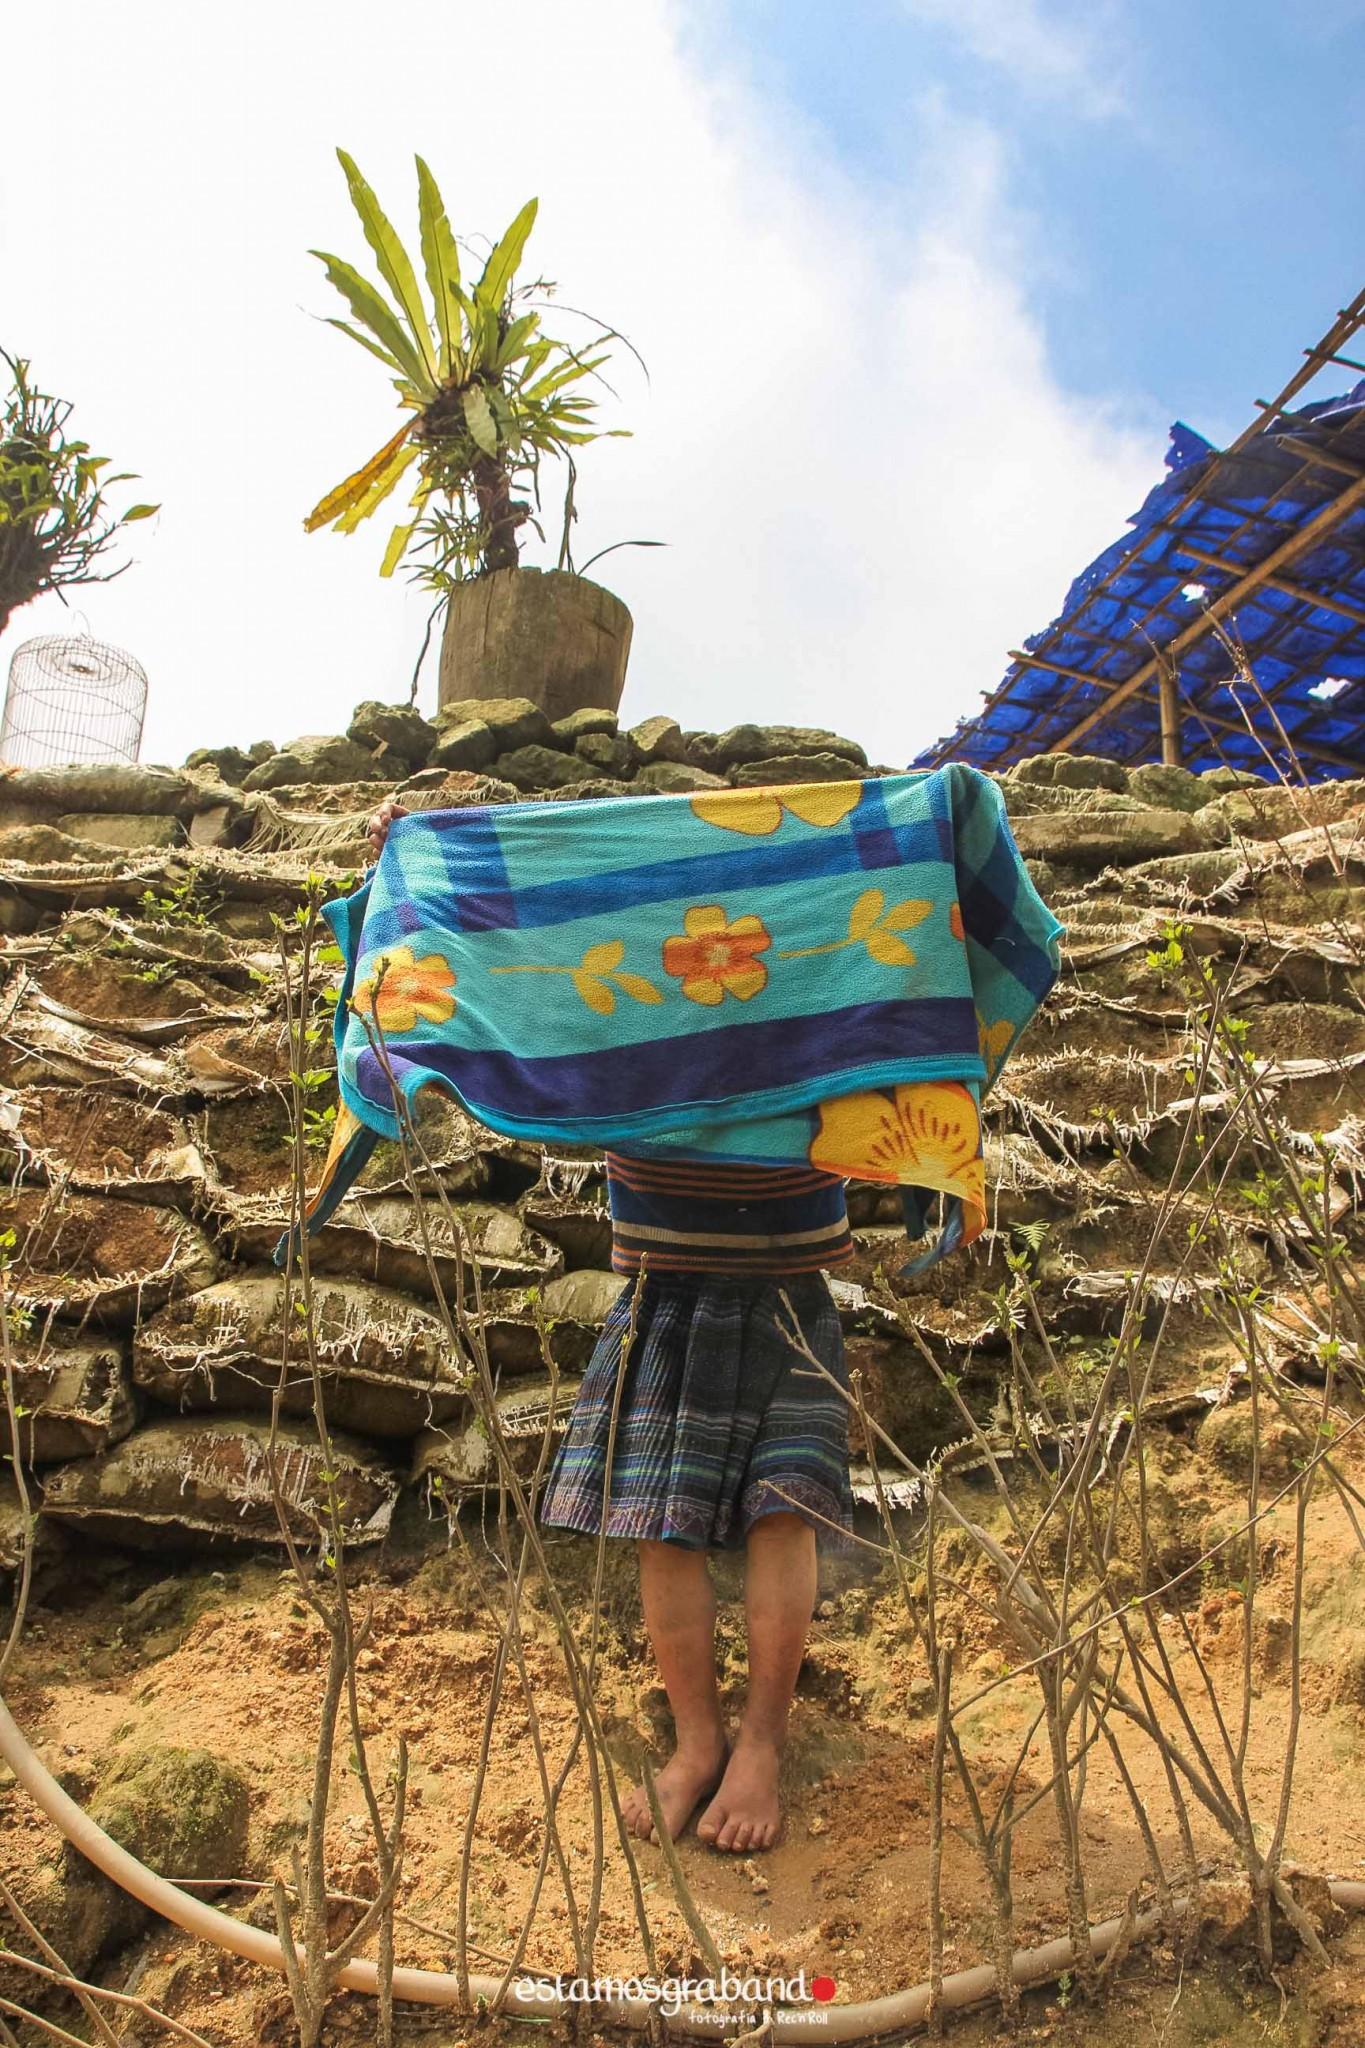 reportaje-vietnam_fotograficc81a-vietnam_estamosgrabando-vietnam_rutasvietnam_reportaje-retratos-fotos-vietnam_fotografia-vietnam_reportaje-estamosgrabando-fotograficc81a-vietnam-13 Pequeños grandes recuerdos de Vietnam en 100 imágenes - video boda cadiz